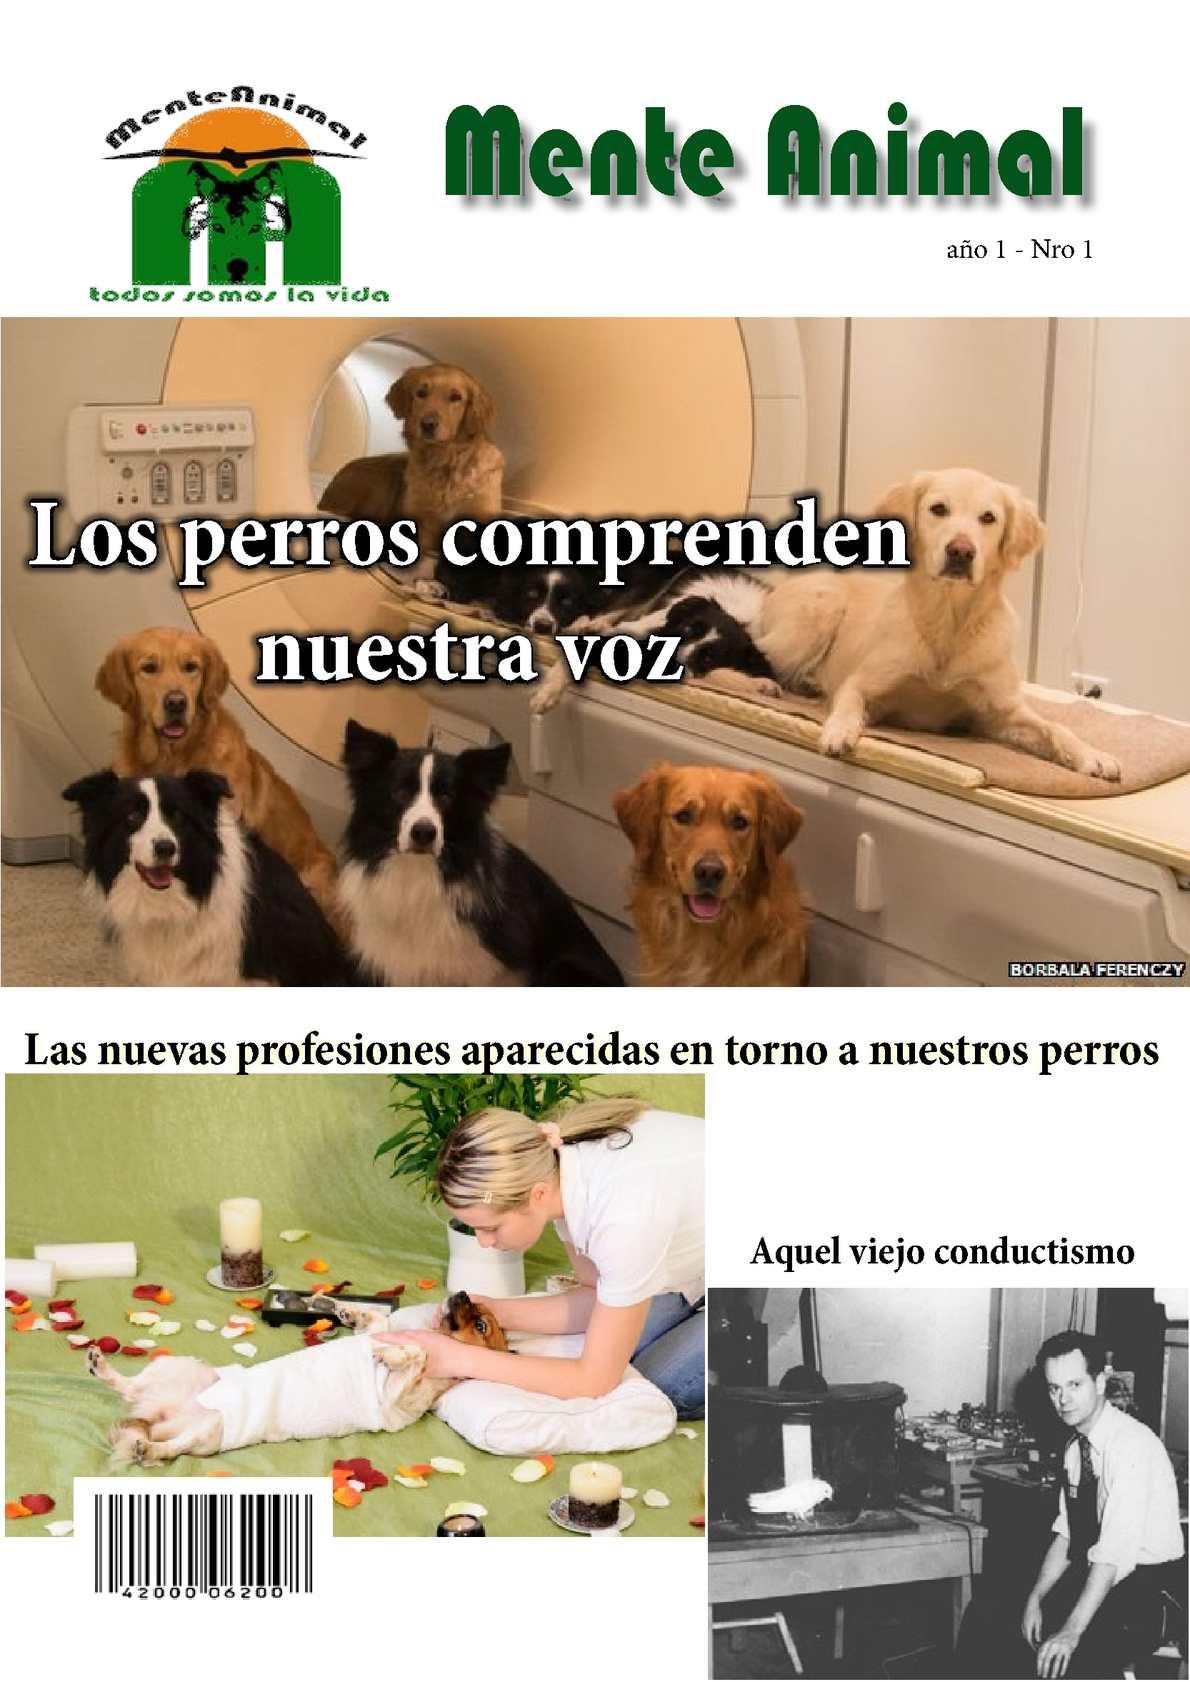 Calaméo - Revista Mente Animal Nro 1